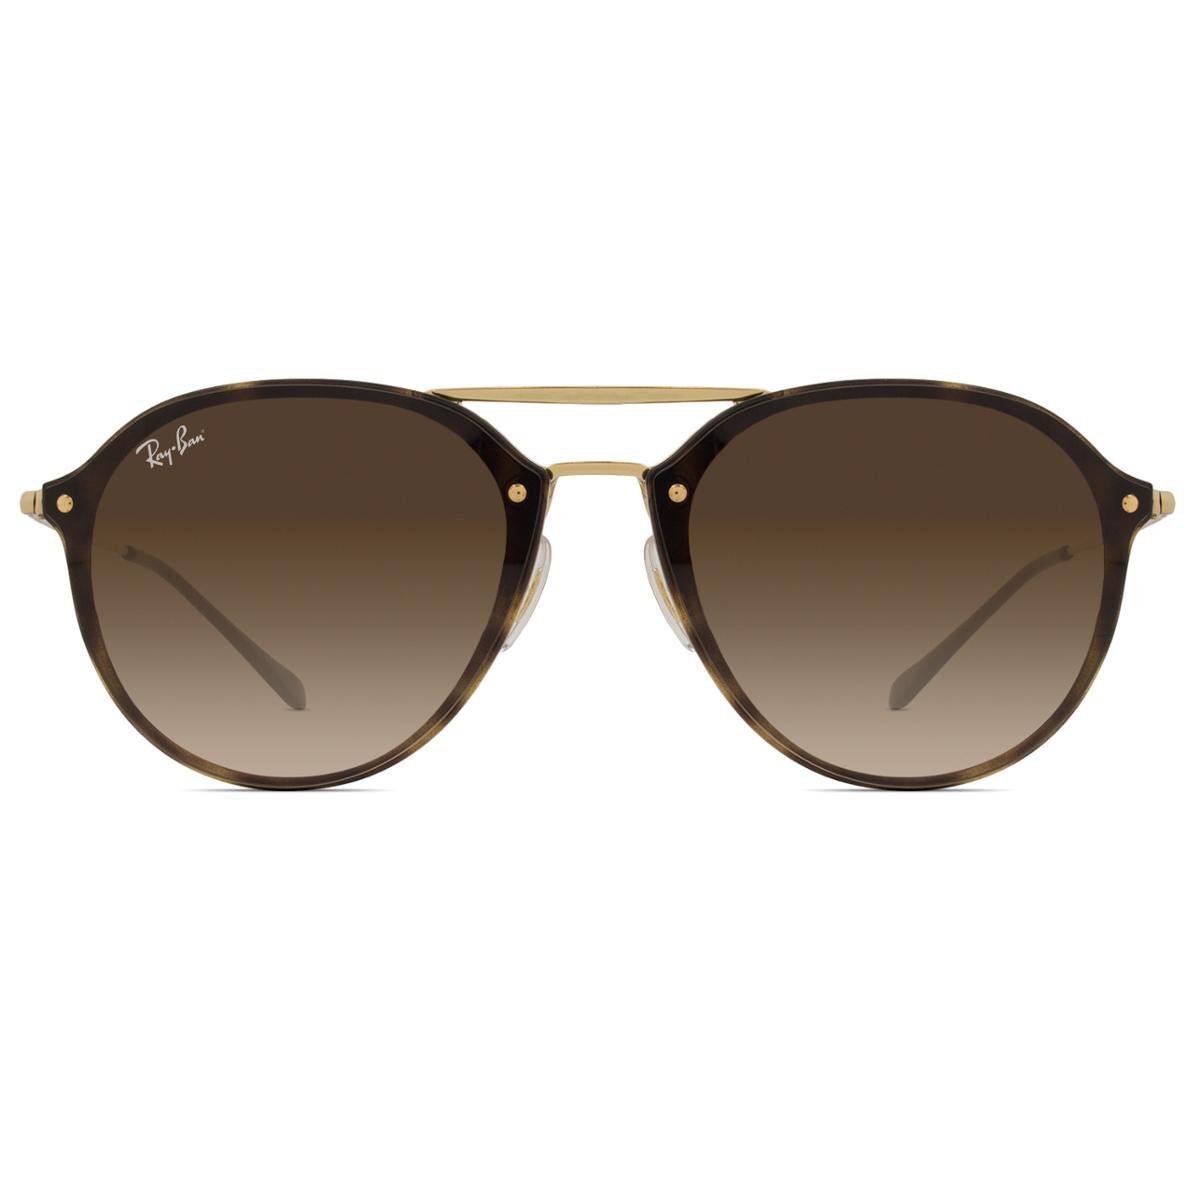 Óculos de Sol Ray Ban Blaze Double Bridge RB4292N 710 13-62 - Compre ... 8947932caf